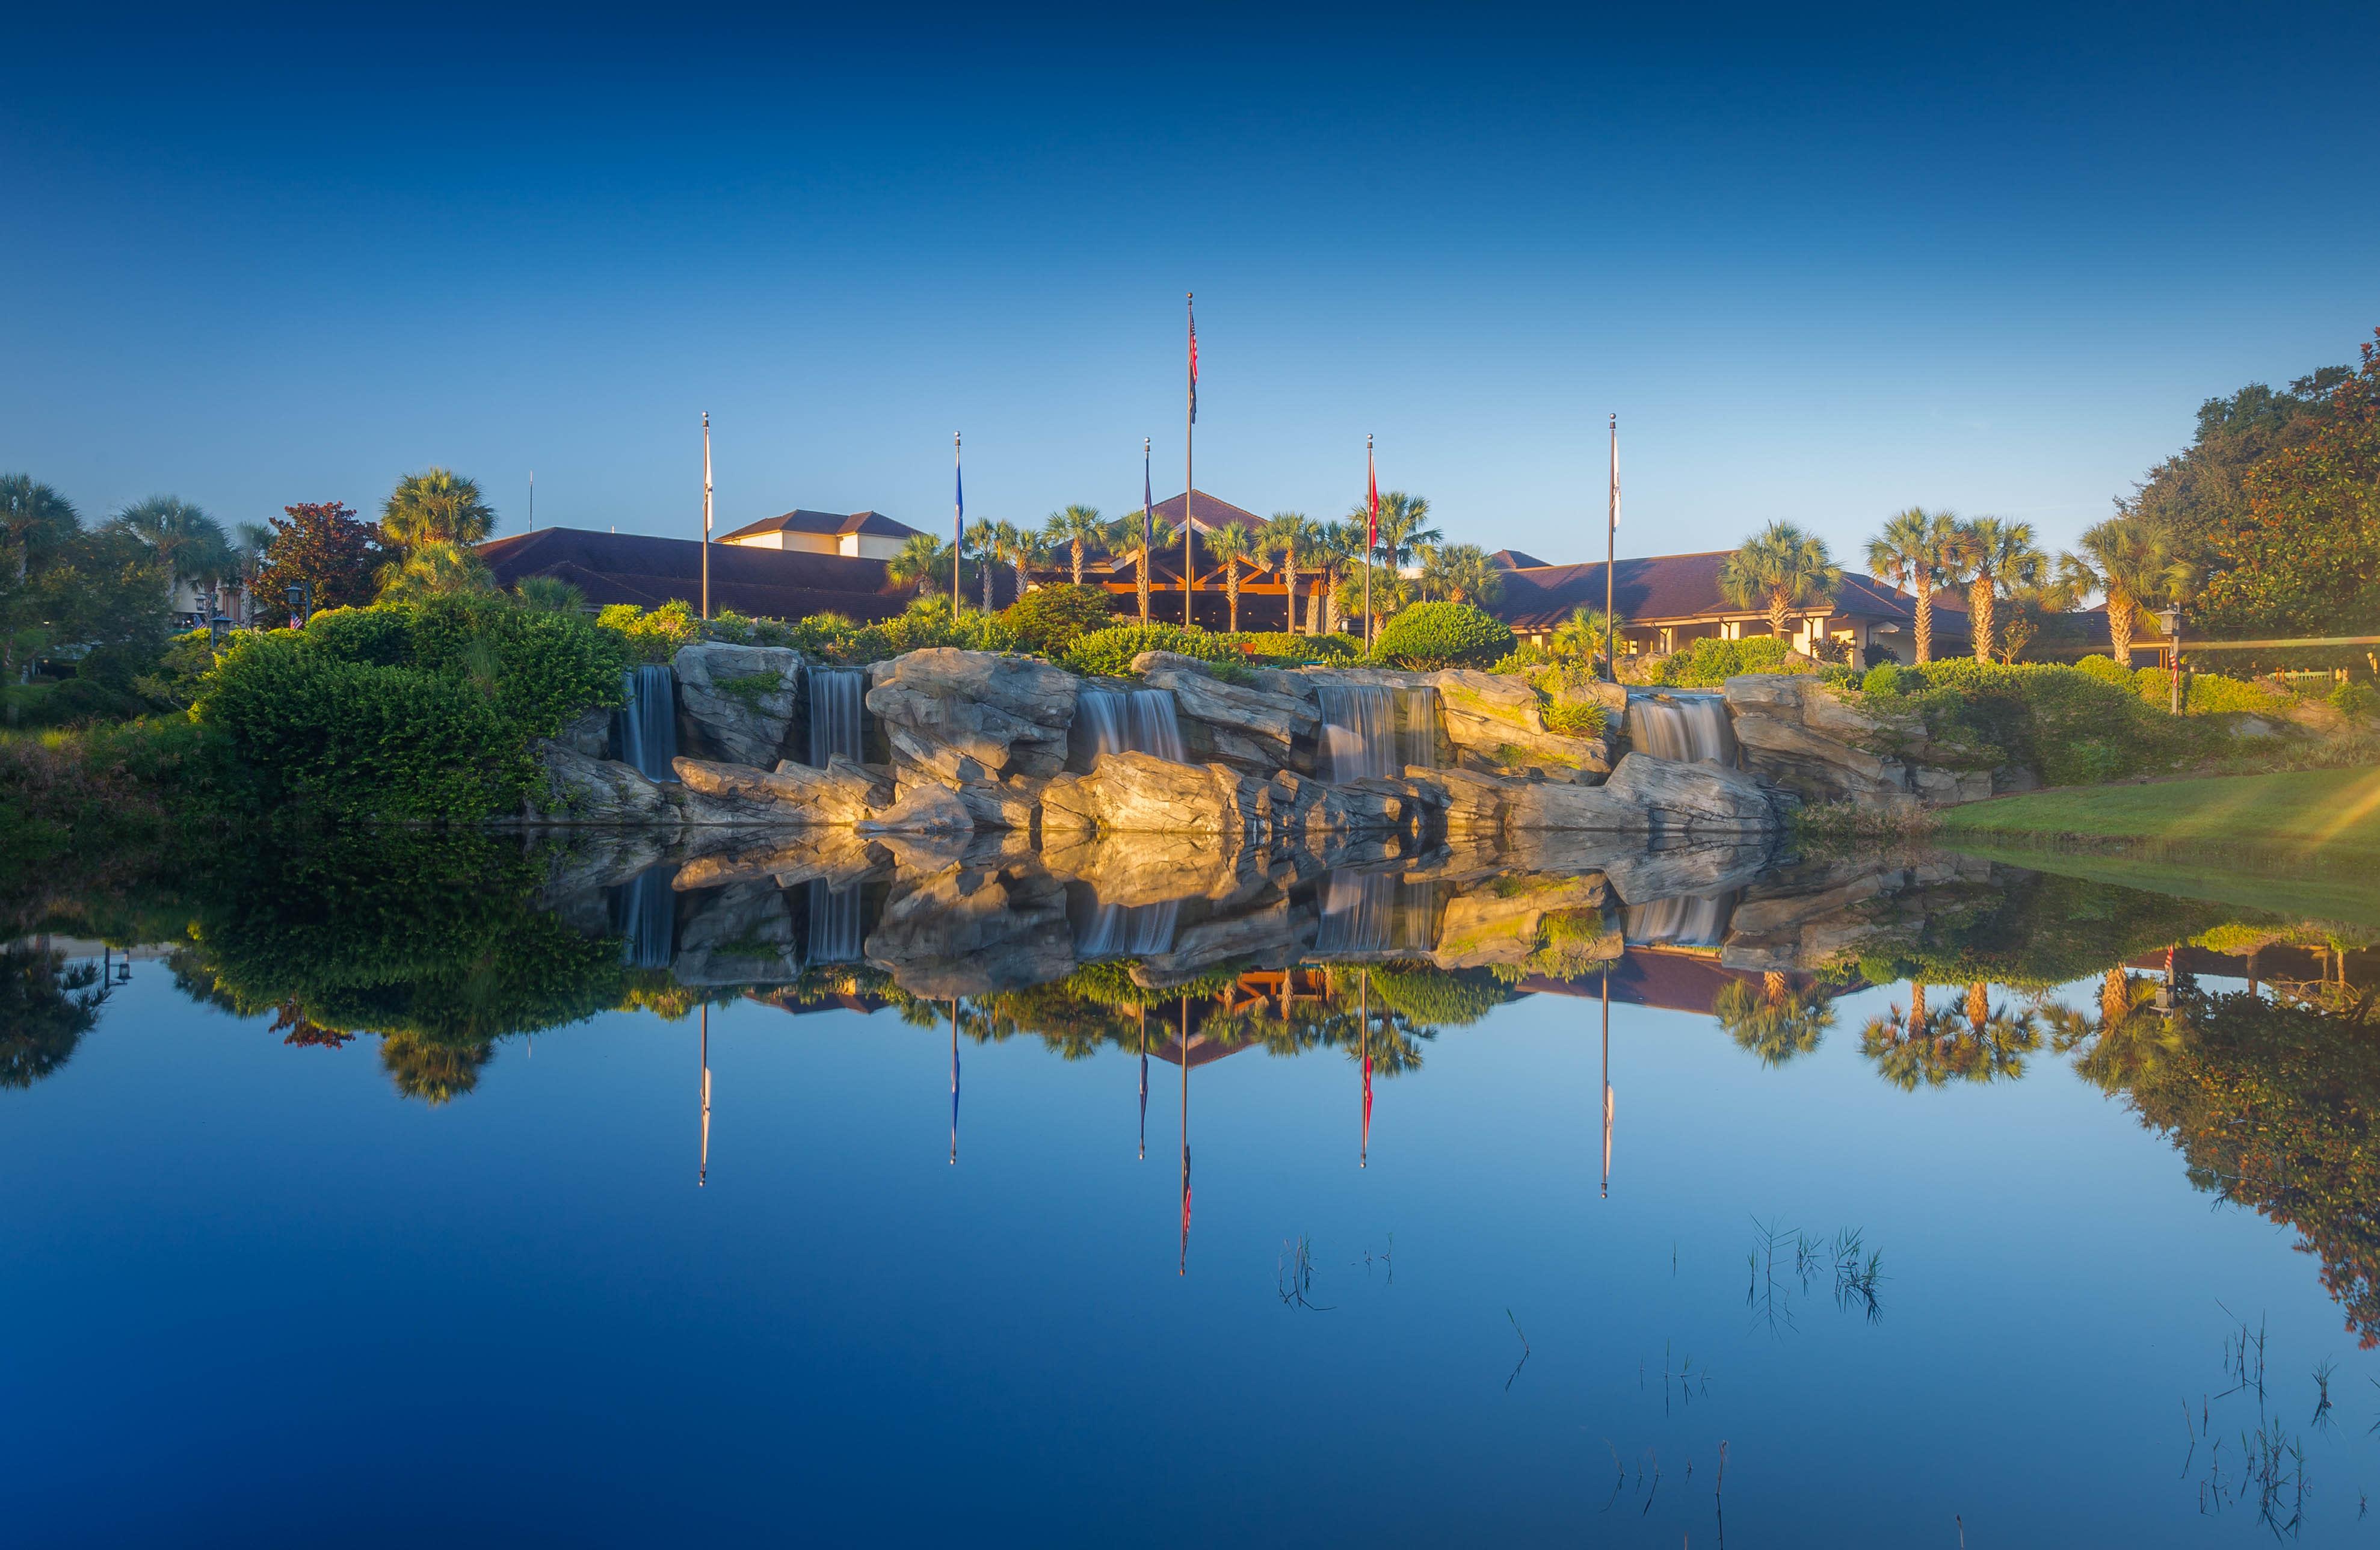 Lake view of Shades of Green Resort